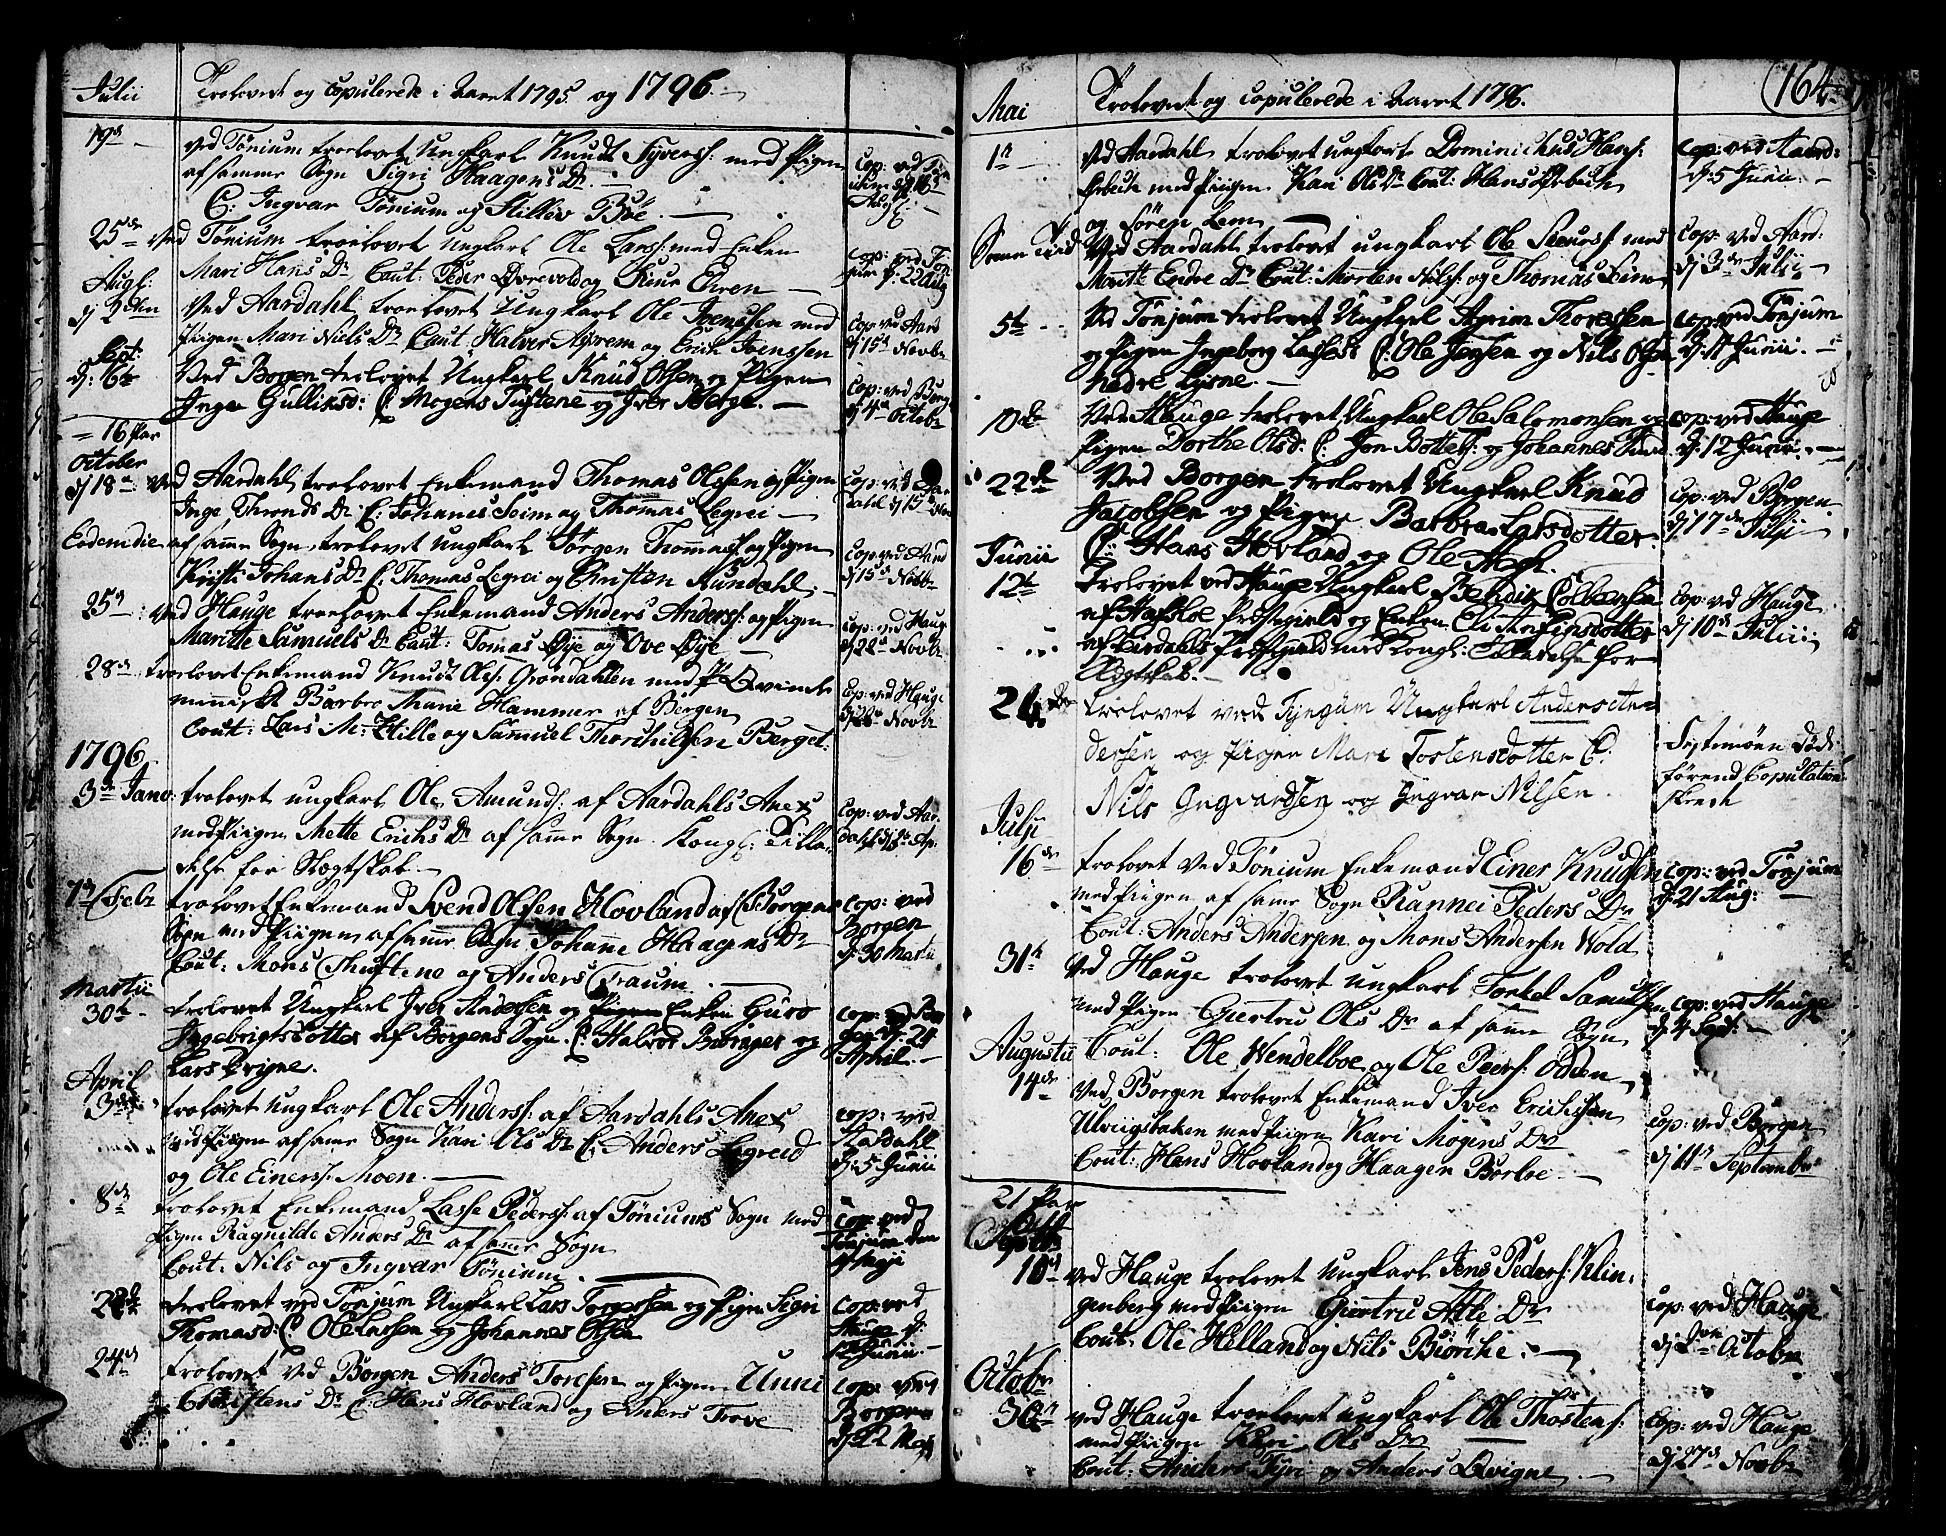 SAB, Lærdal sokneprestembete, Ministerialbok nr. A 3, 1783-1804, s. 164